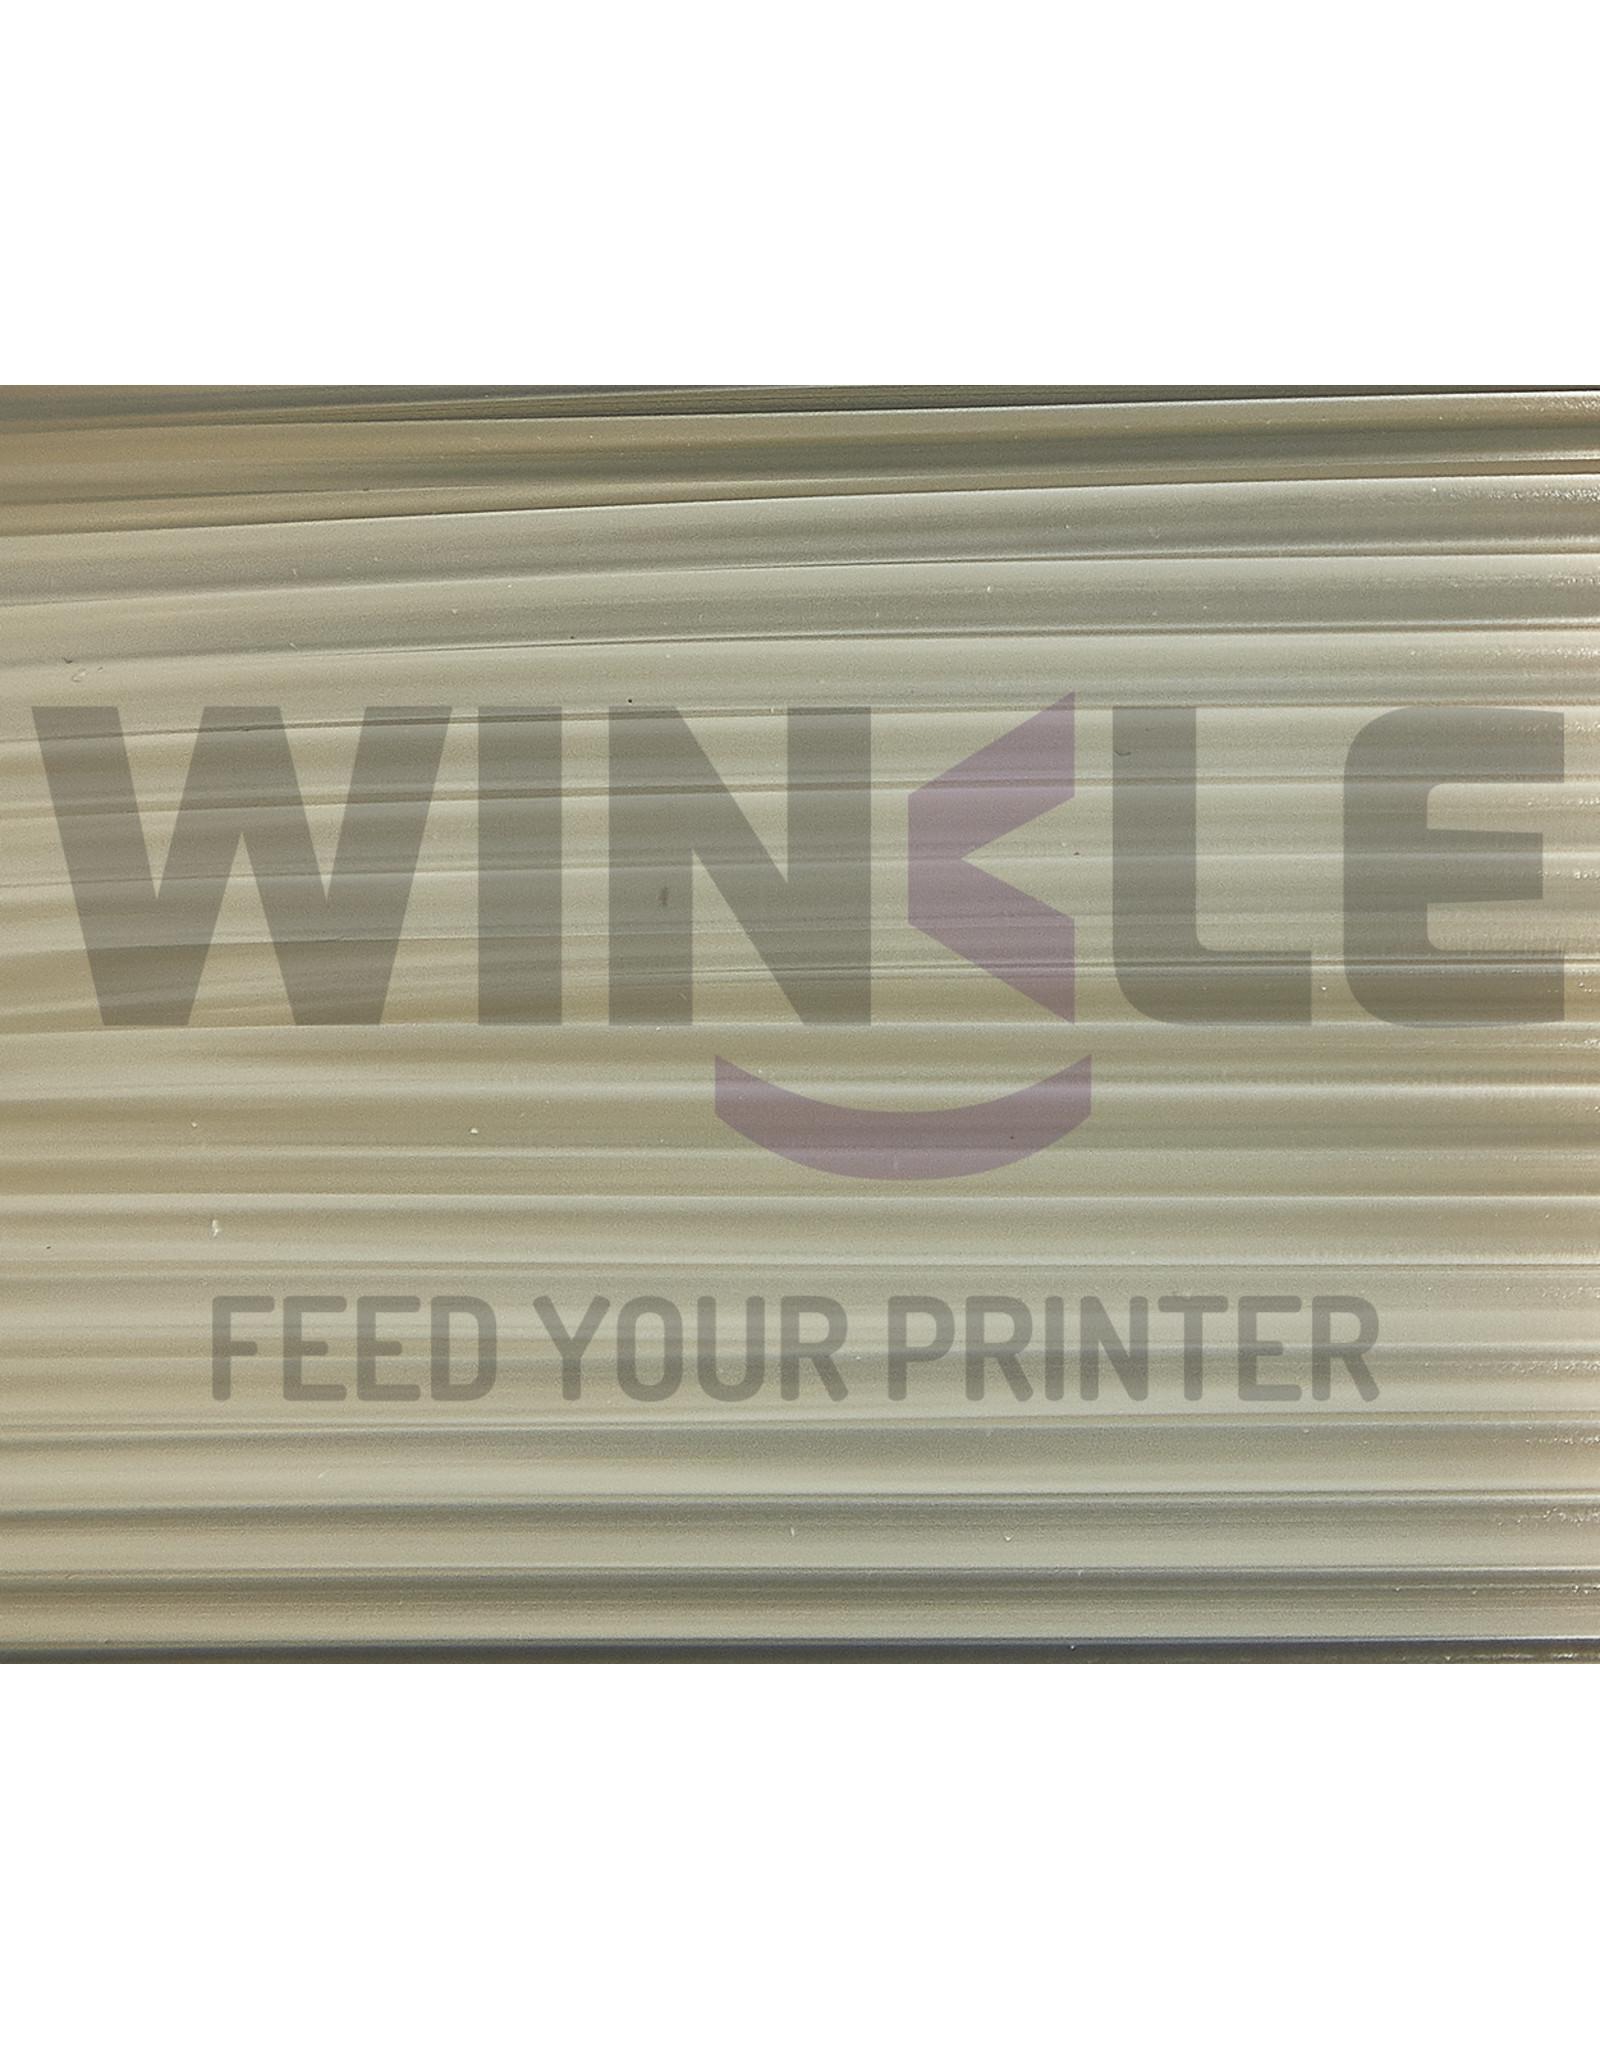 WINKLE PLA-HD WINKLE 1kg transparant